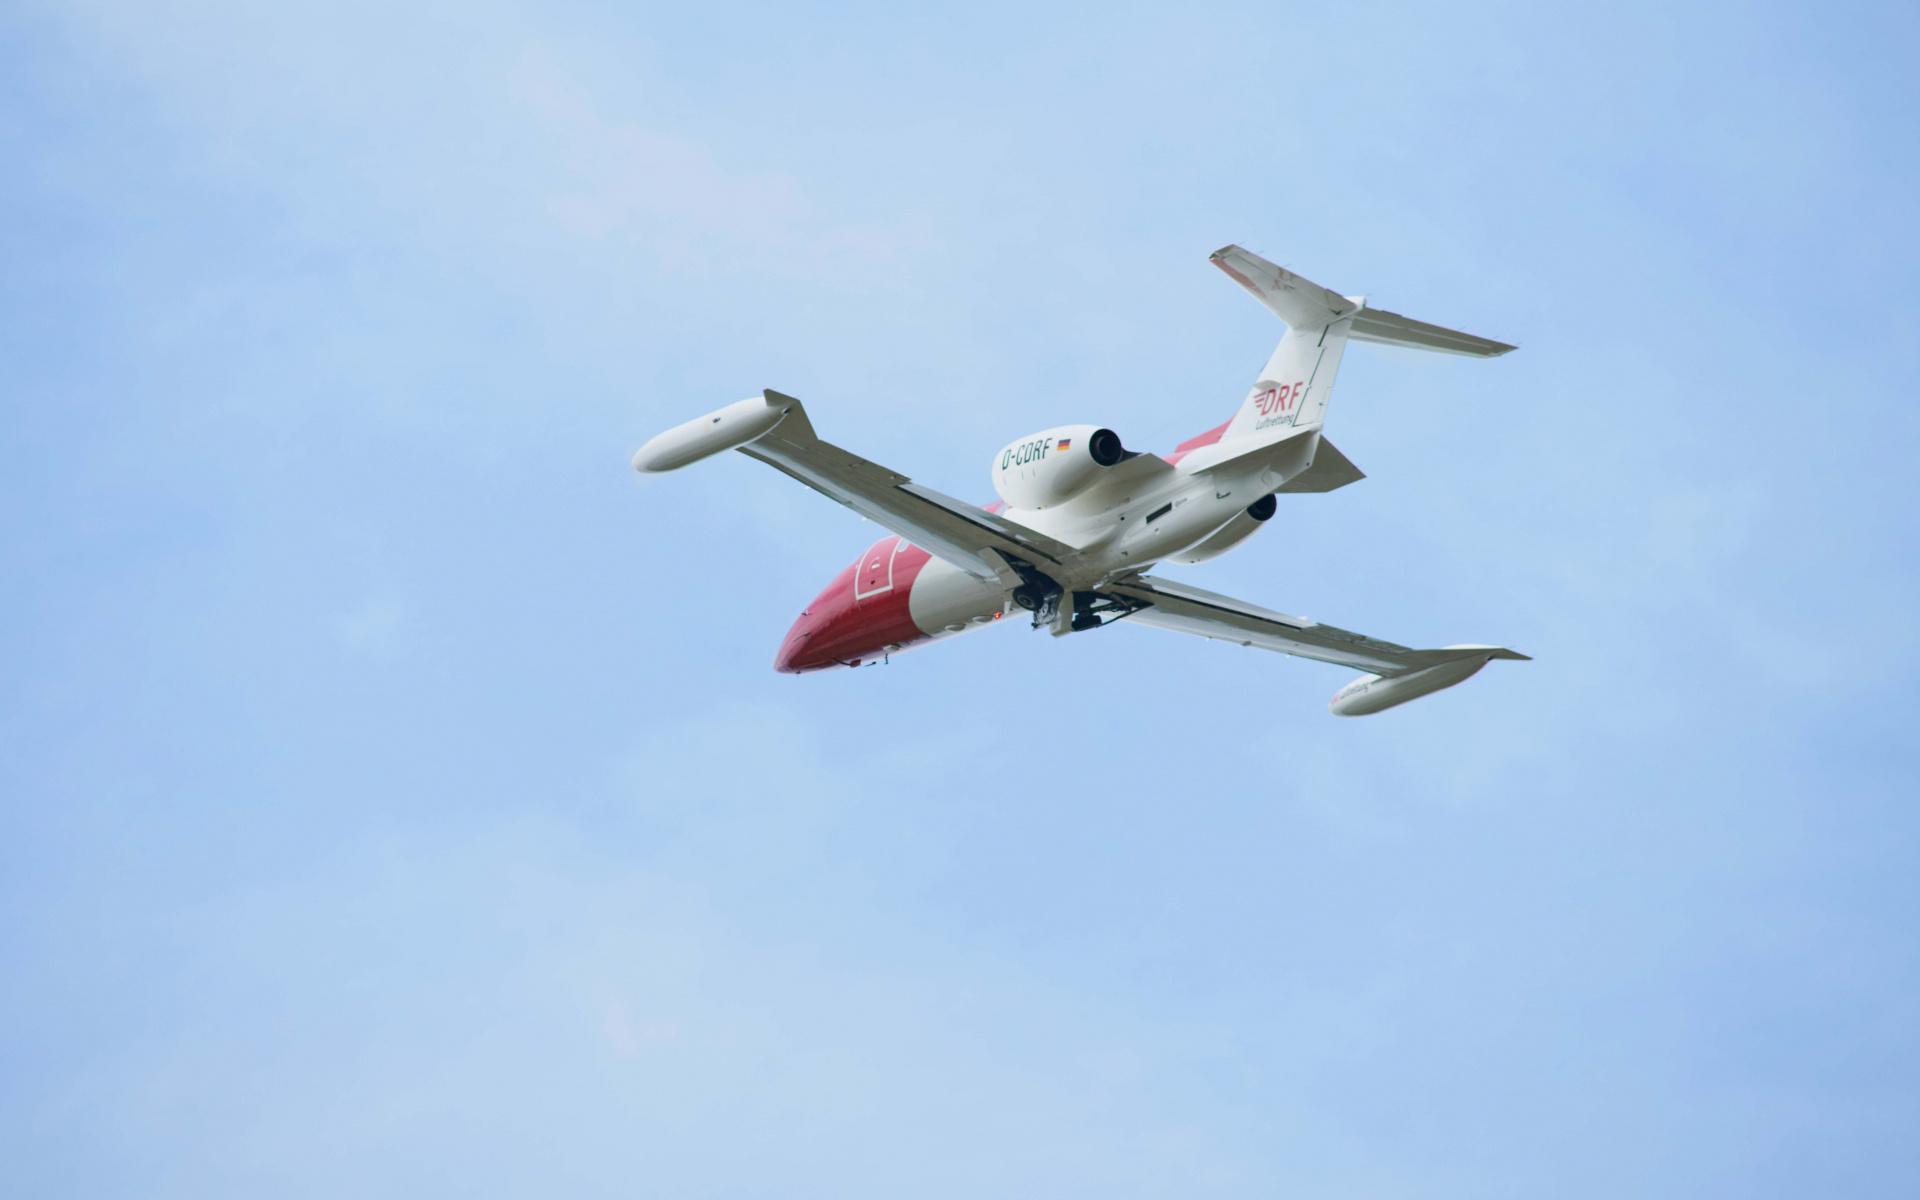 Ein Learjet der DRF Luftrettung kurz nach dem Start.